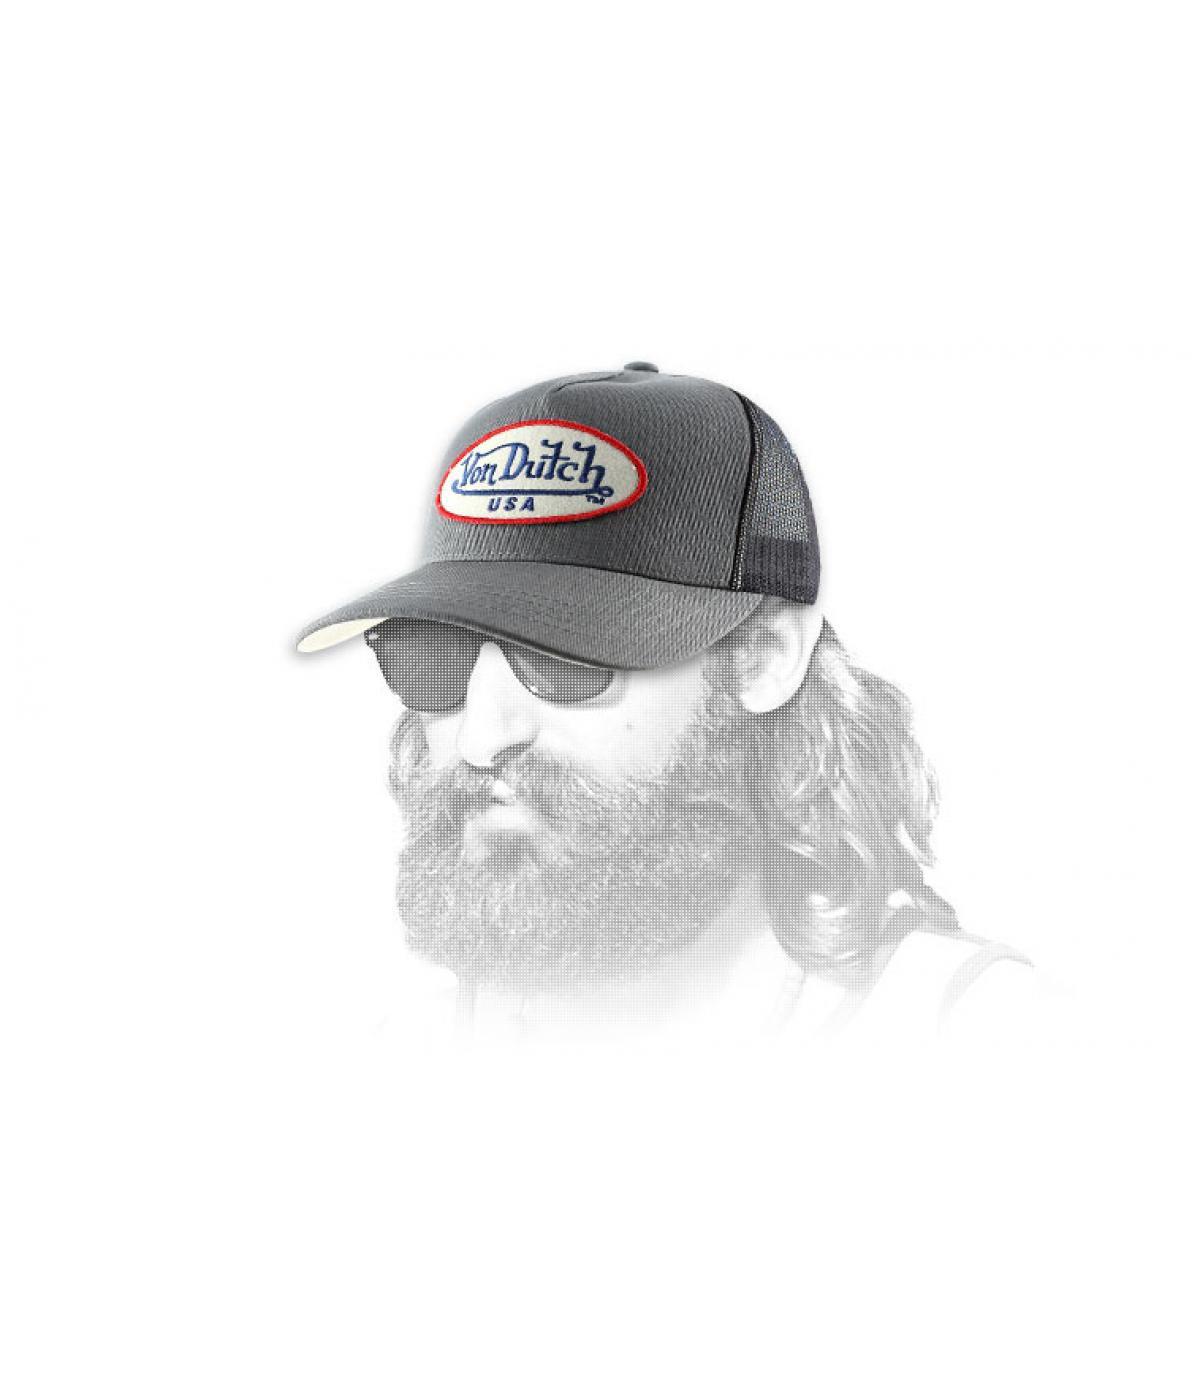 Cap Von Dutch grau Trucker